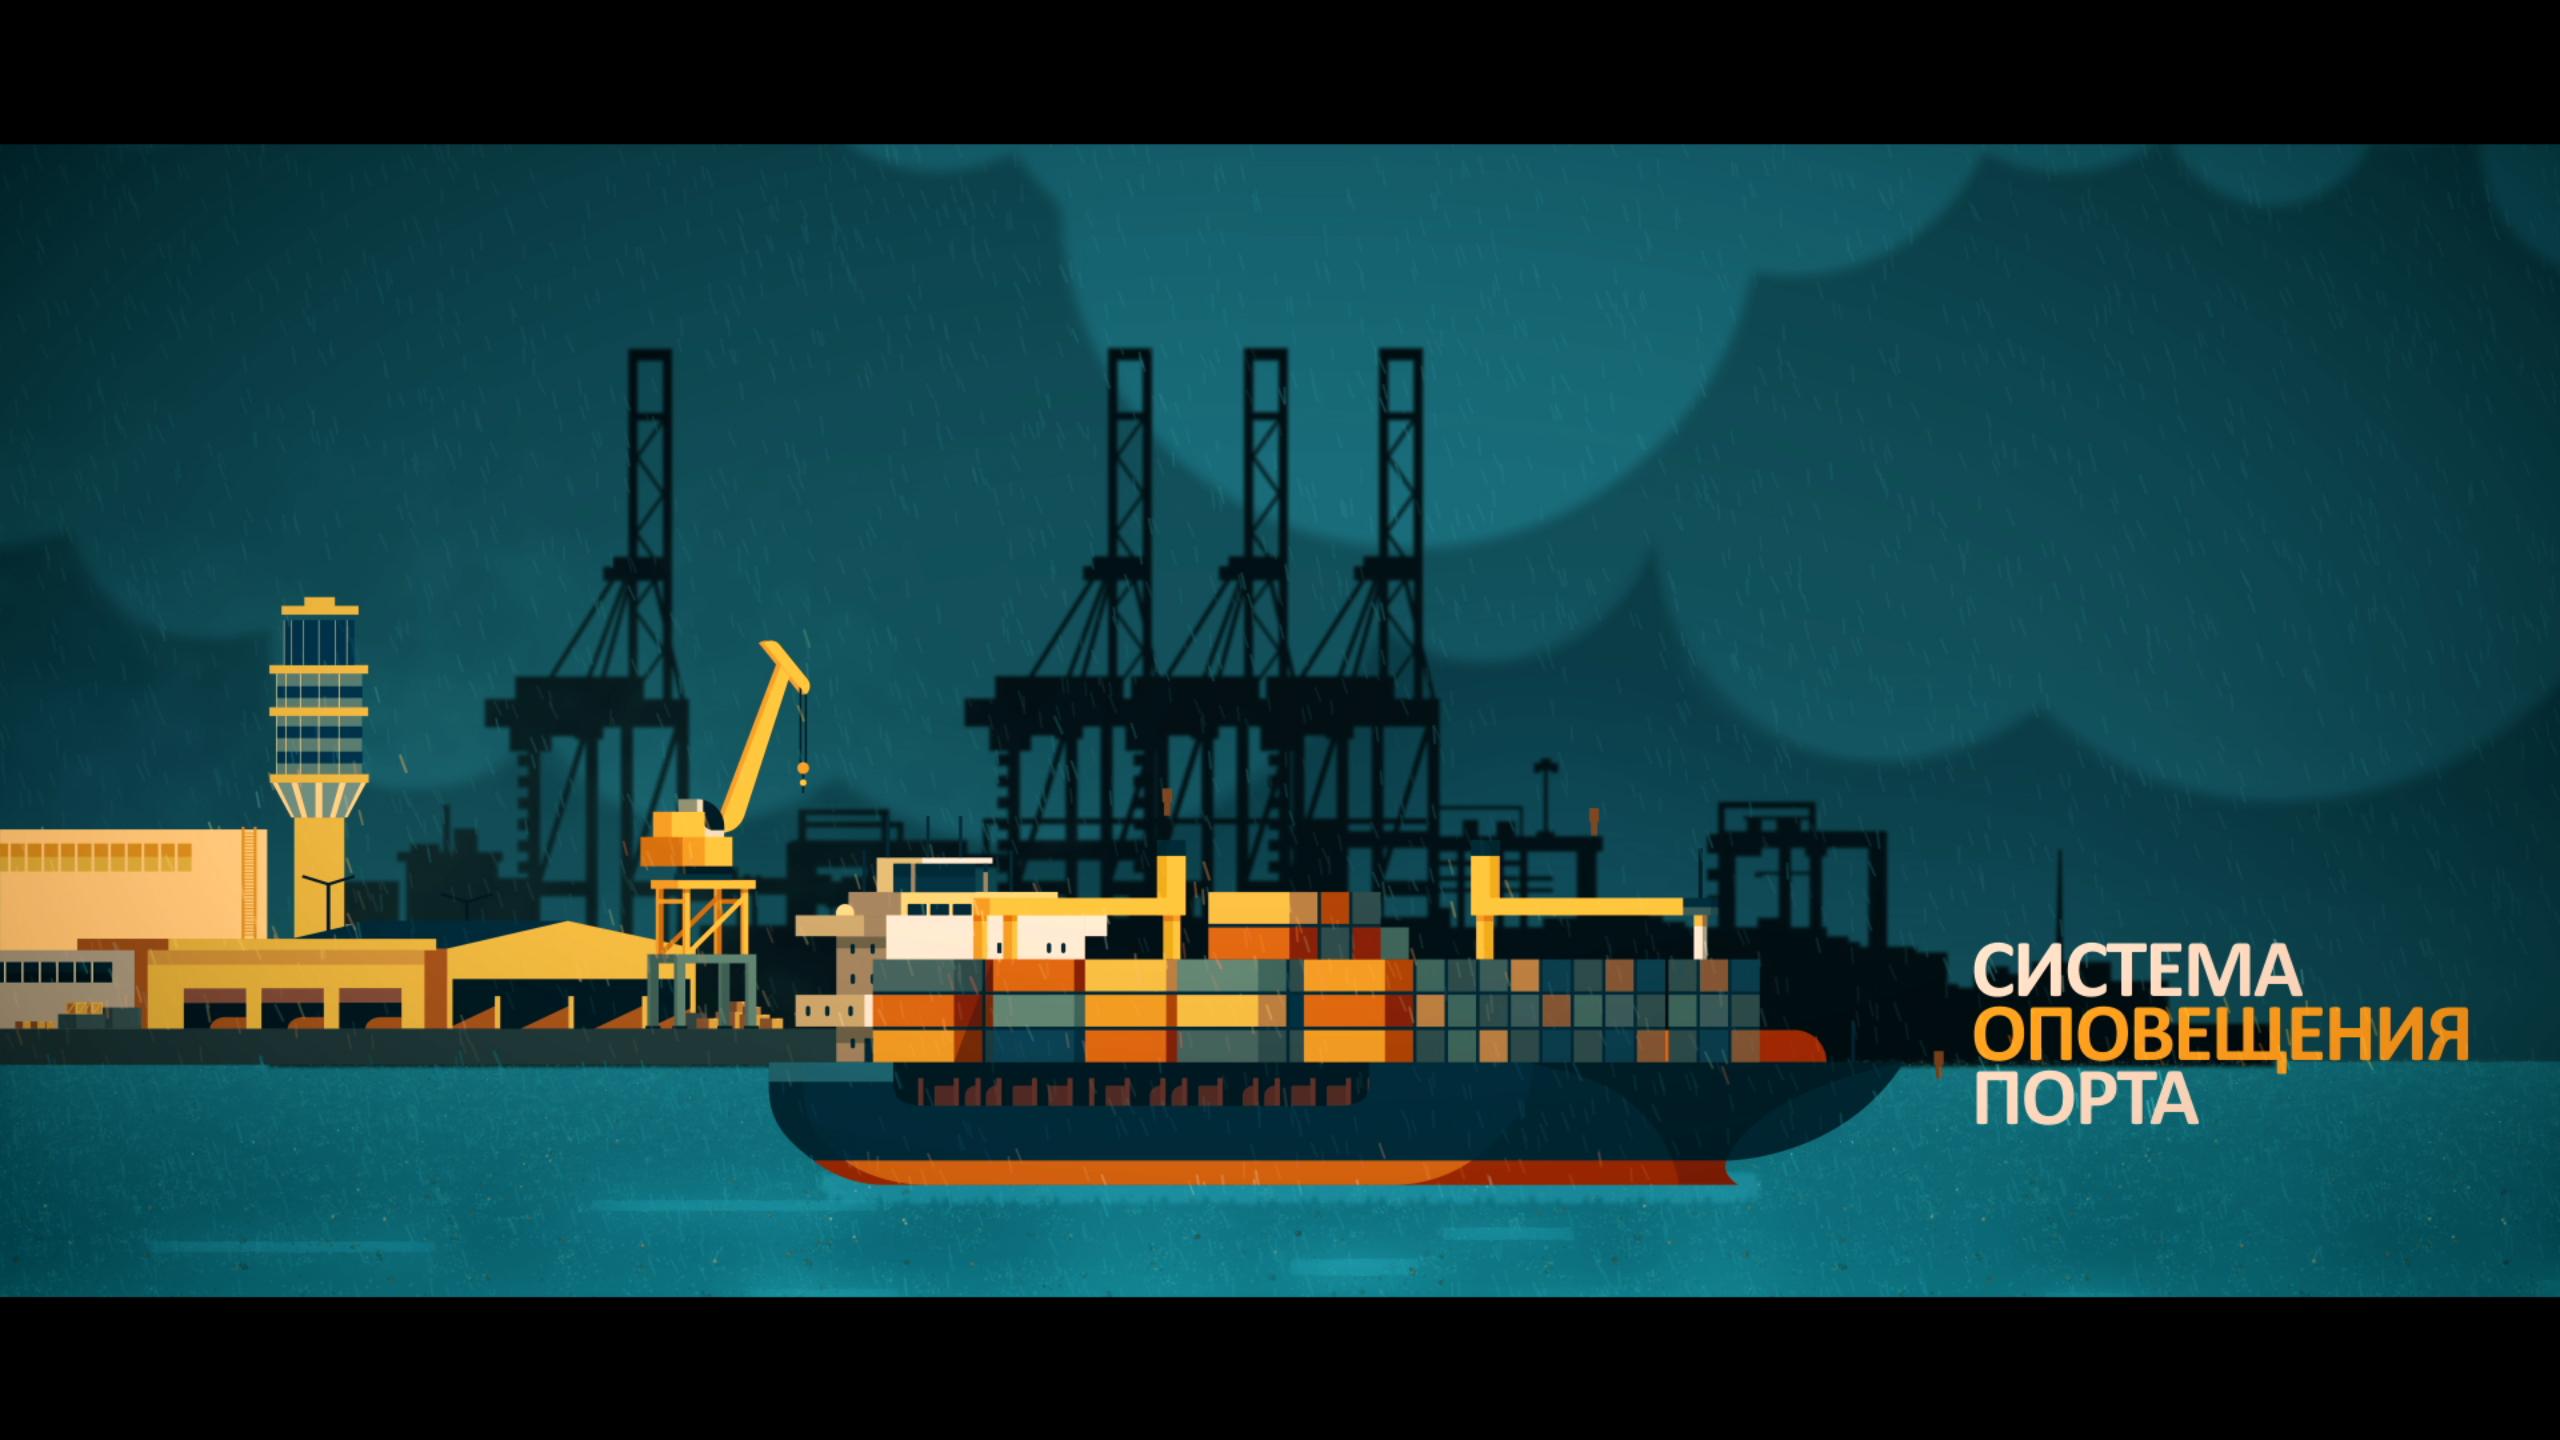 Система массового оповещения портов